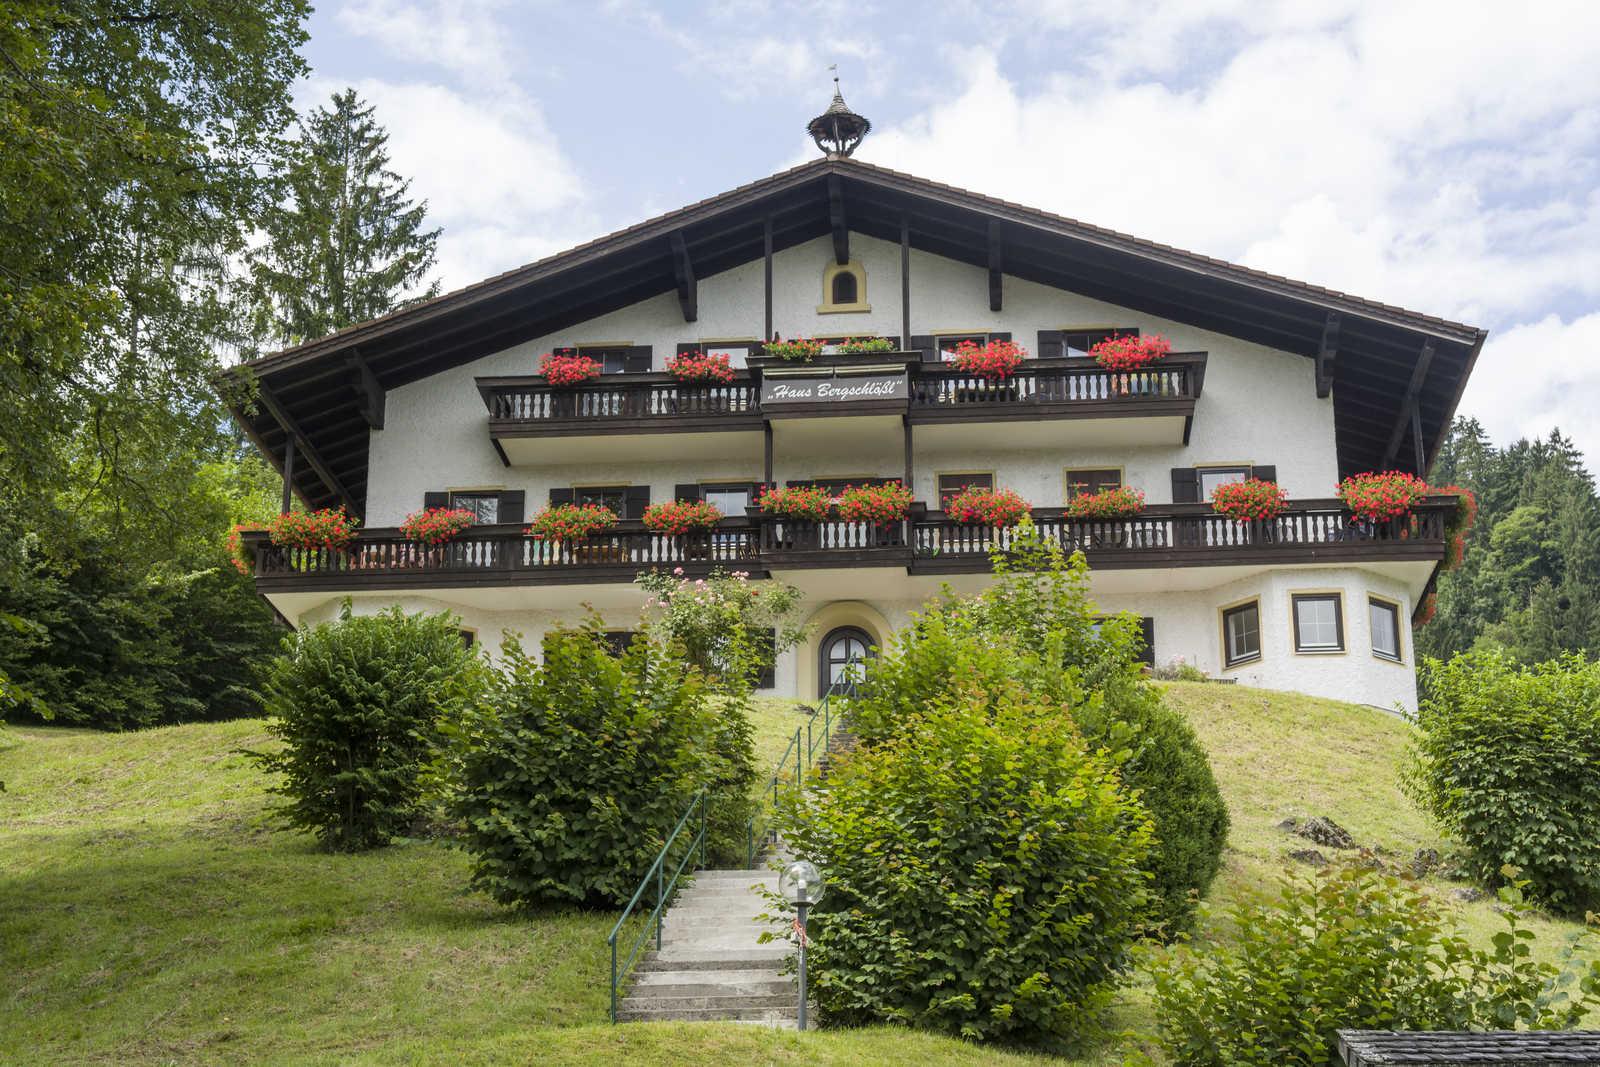 Ferienwohnung Bergschlössl Wohnung 26 In Oberaudorf Bayern